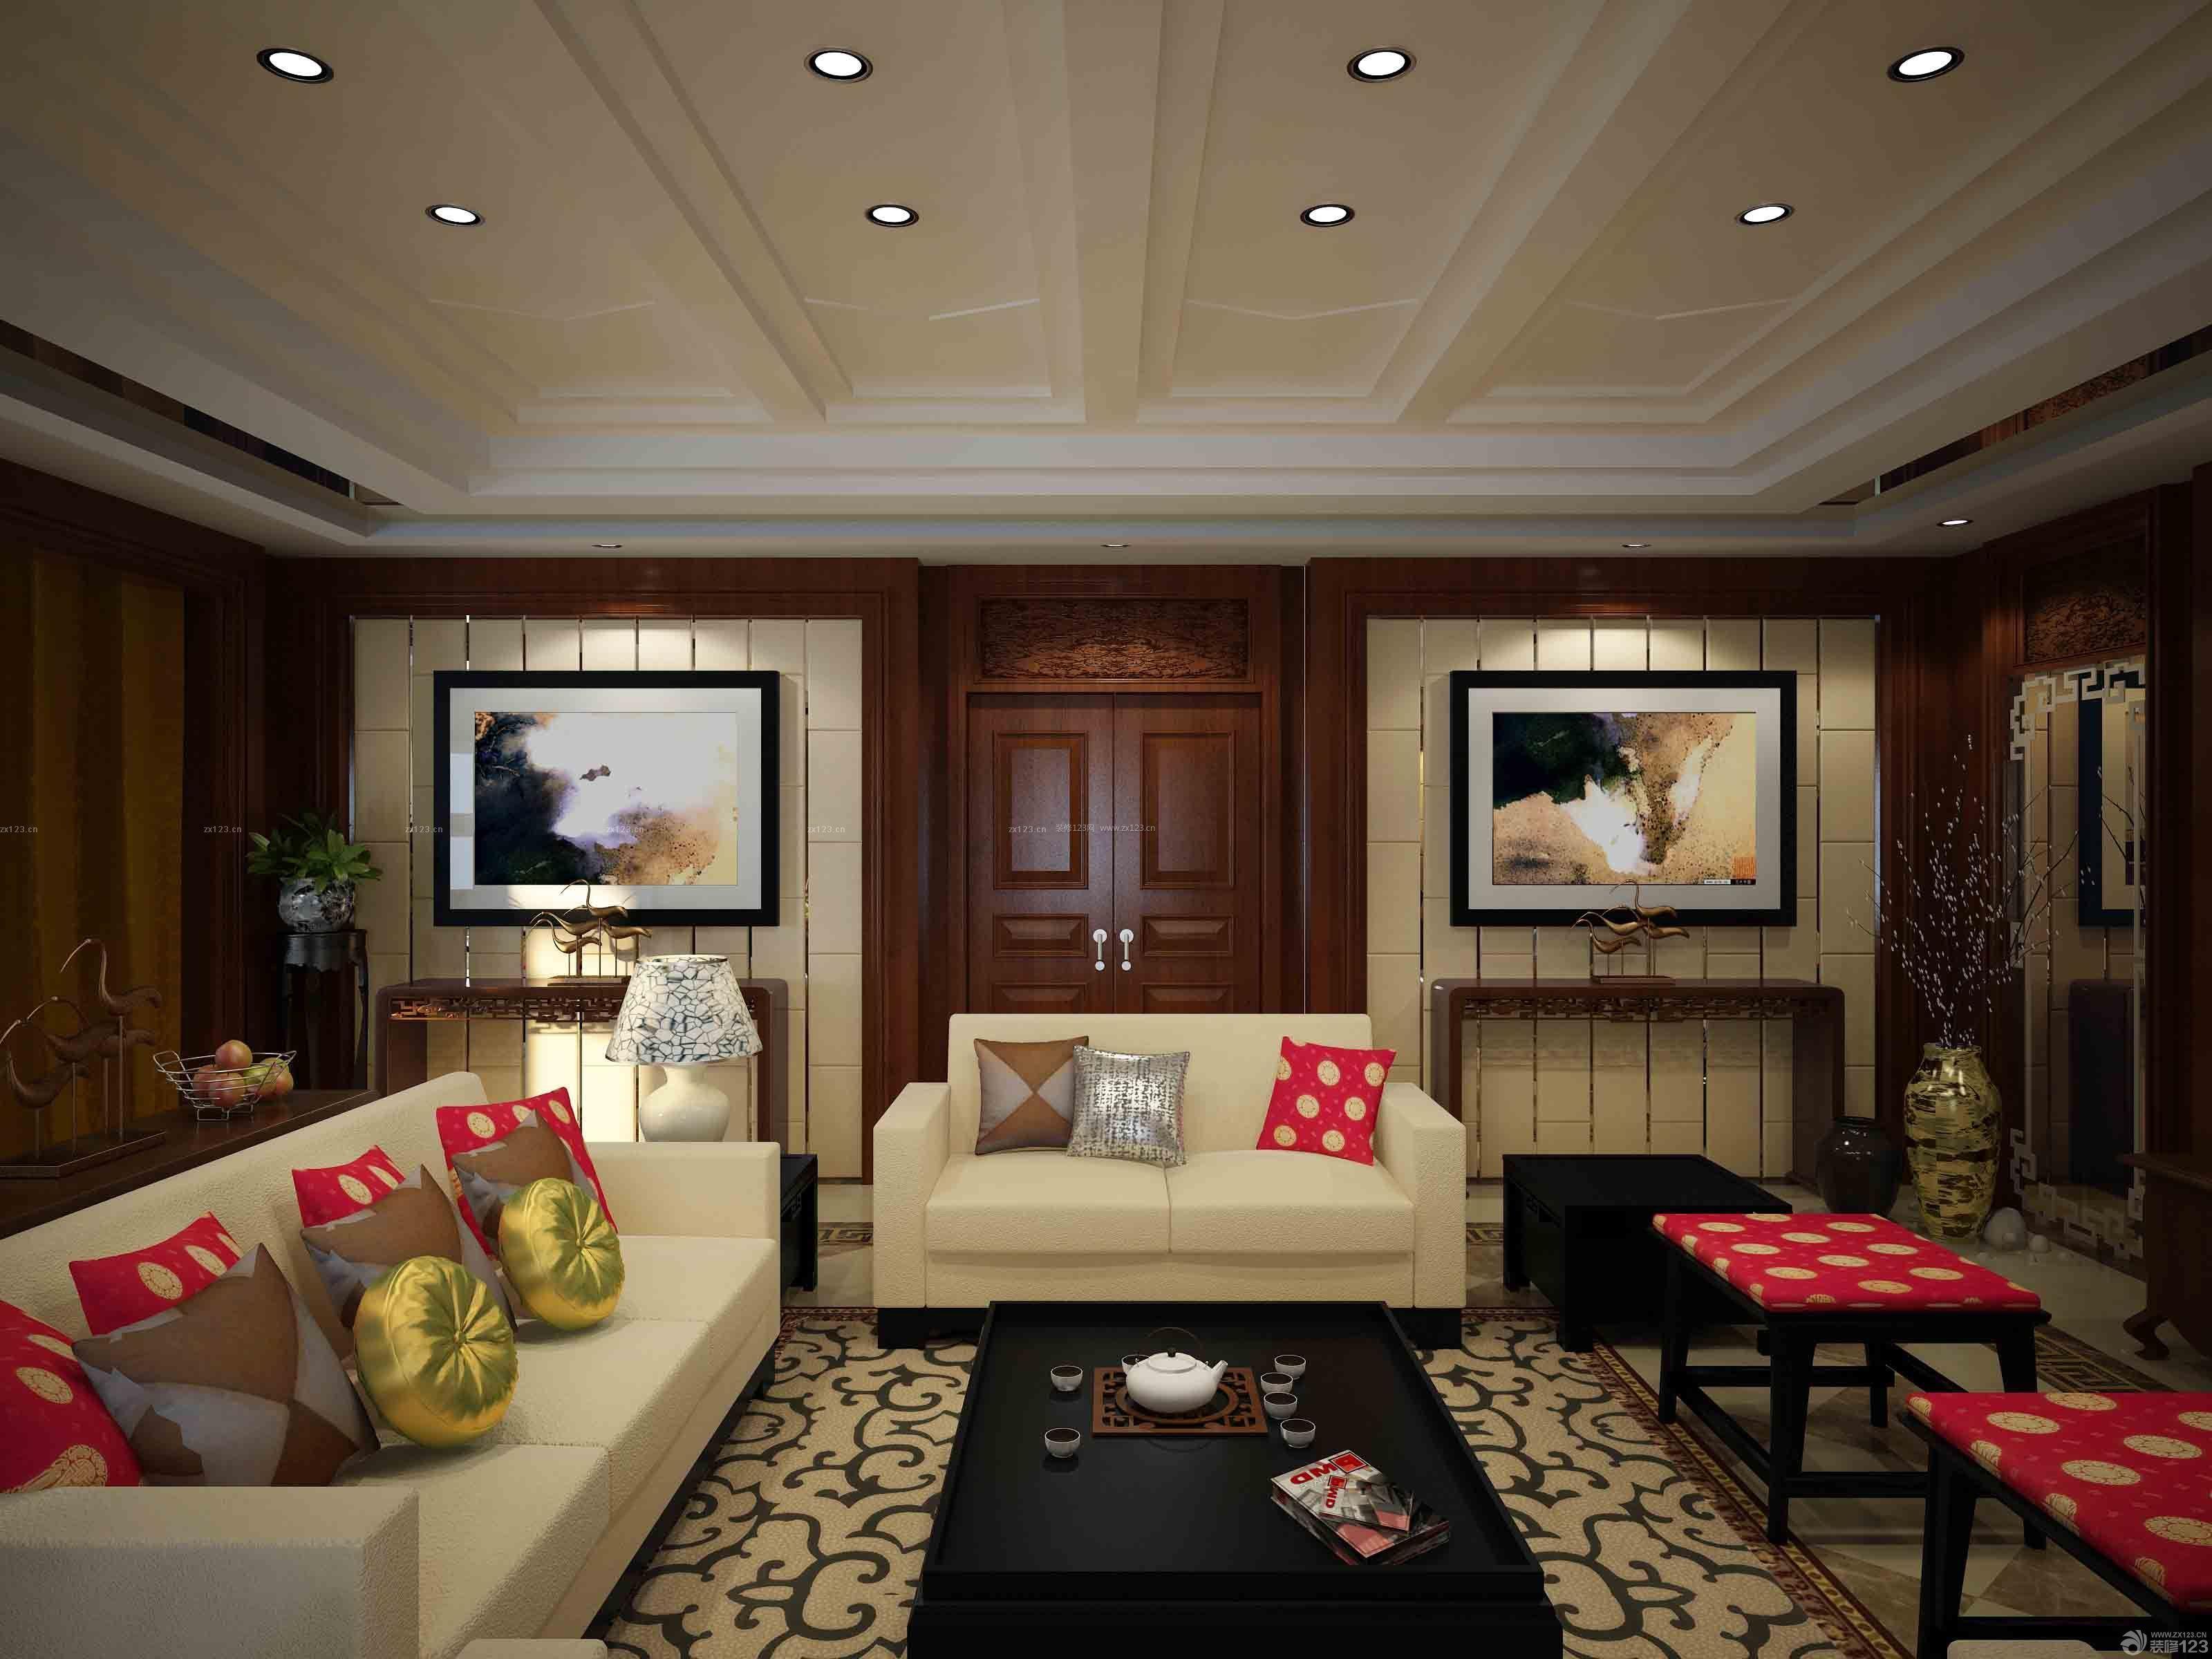 中式婚房客厅天花板装饰实景图